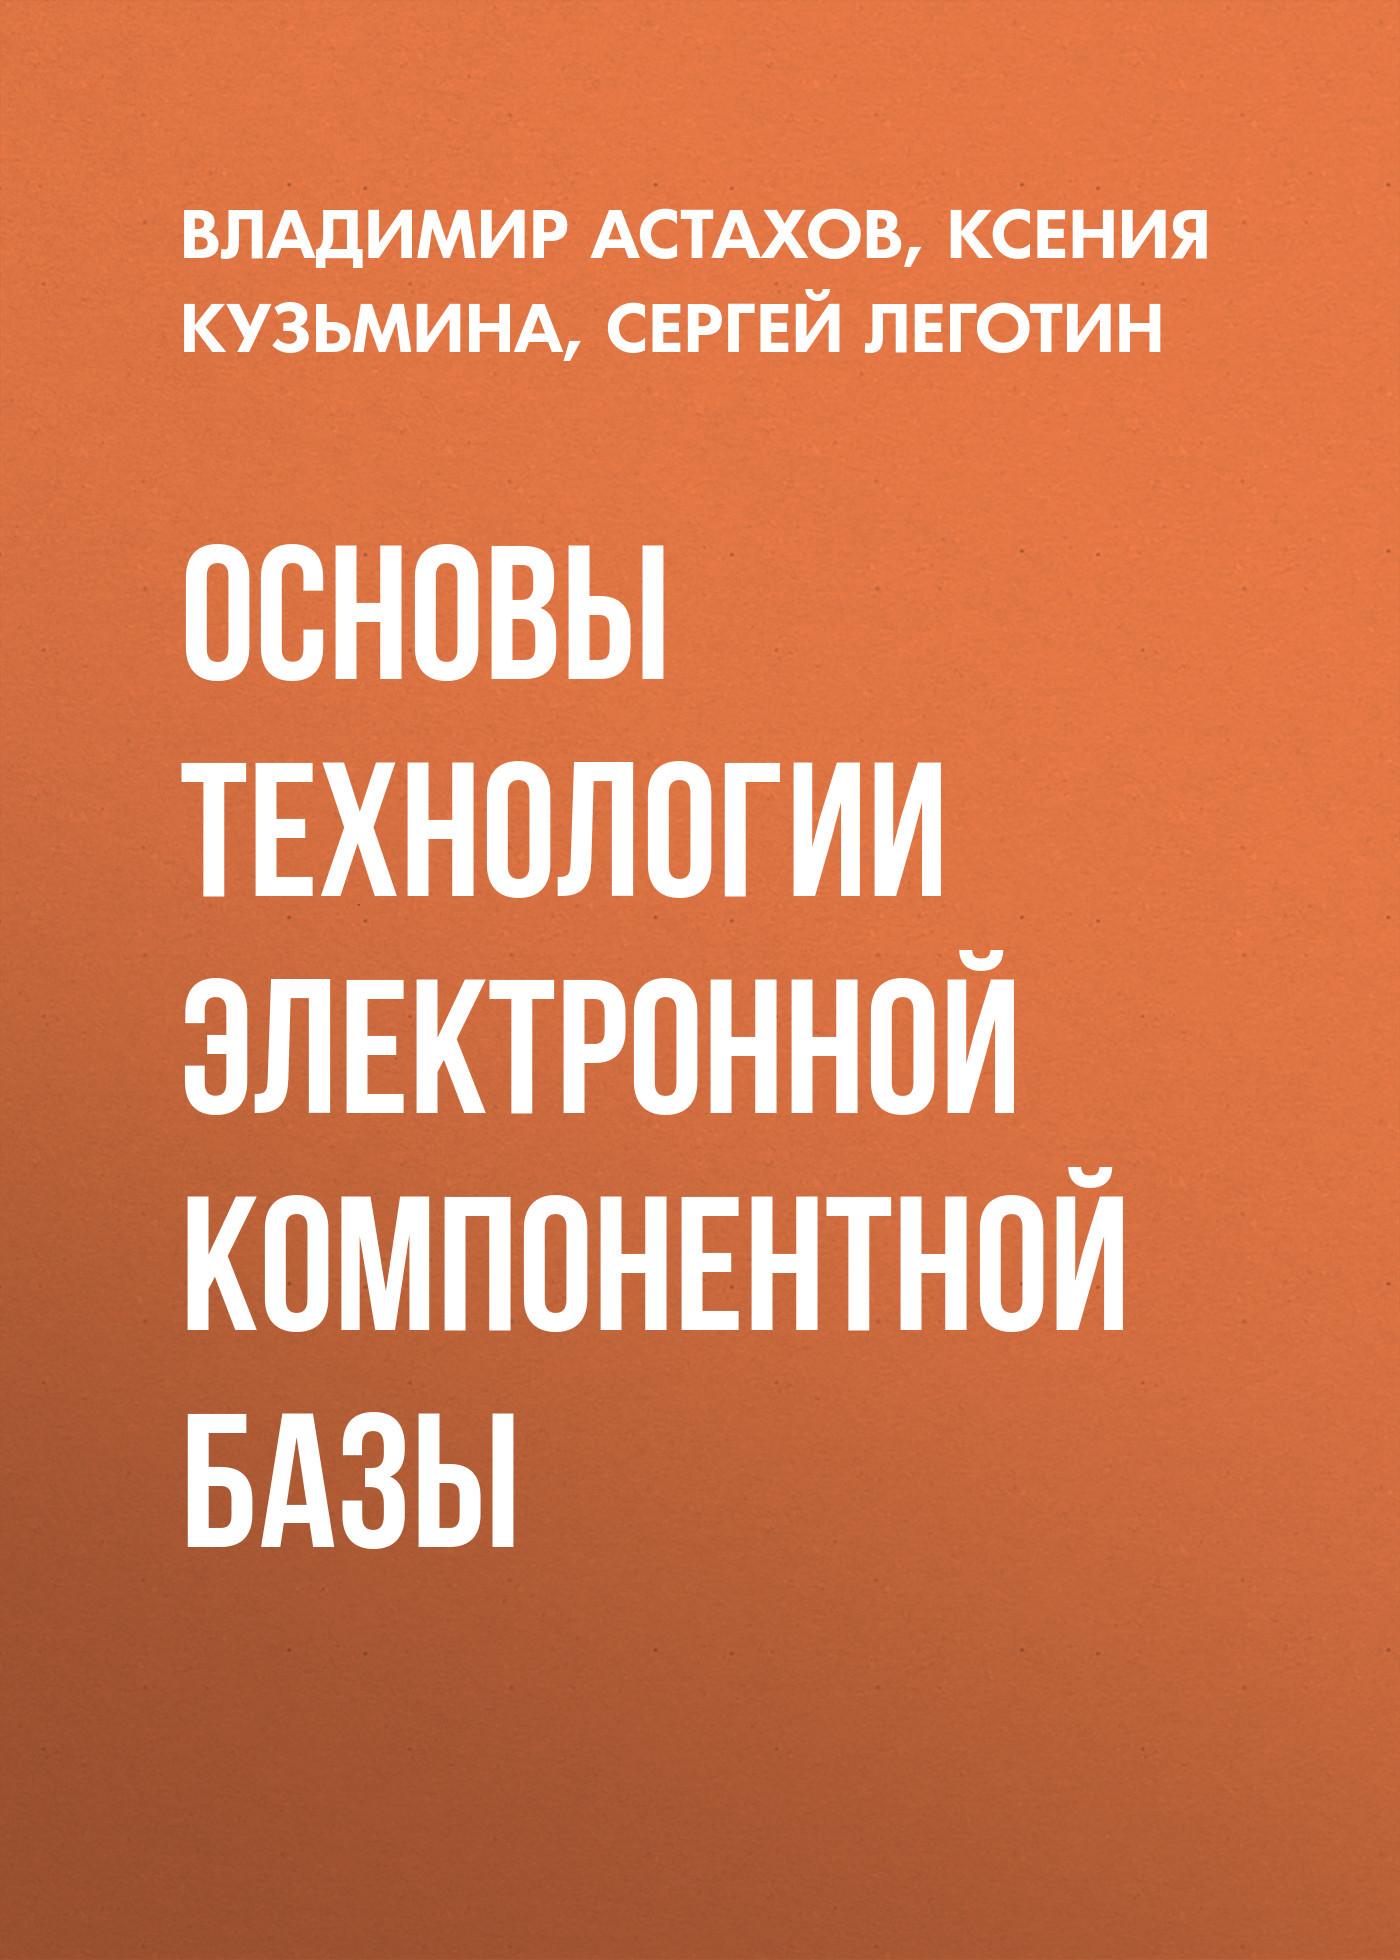 Владимир Астахов Основы технологии электронной компонентной базы